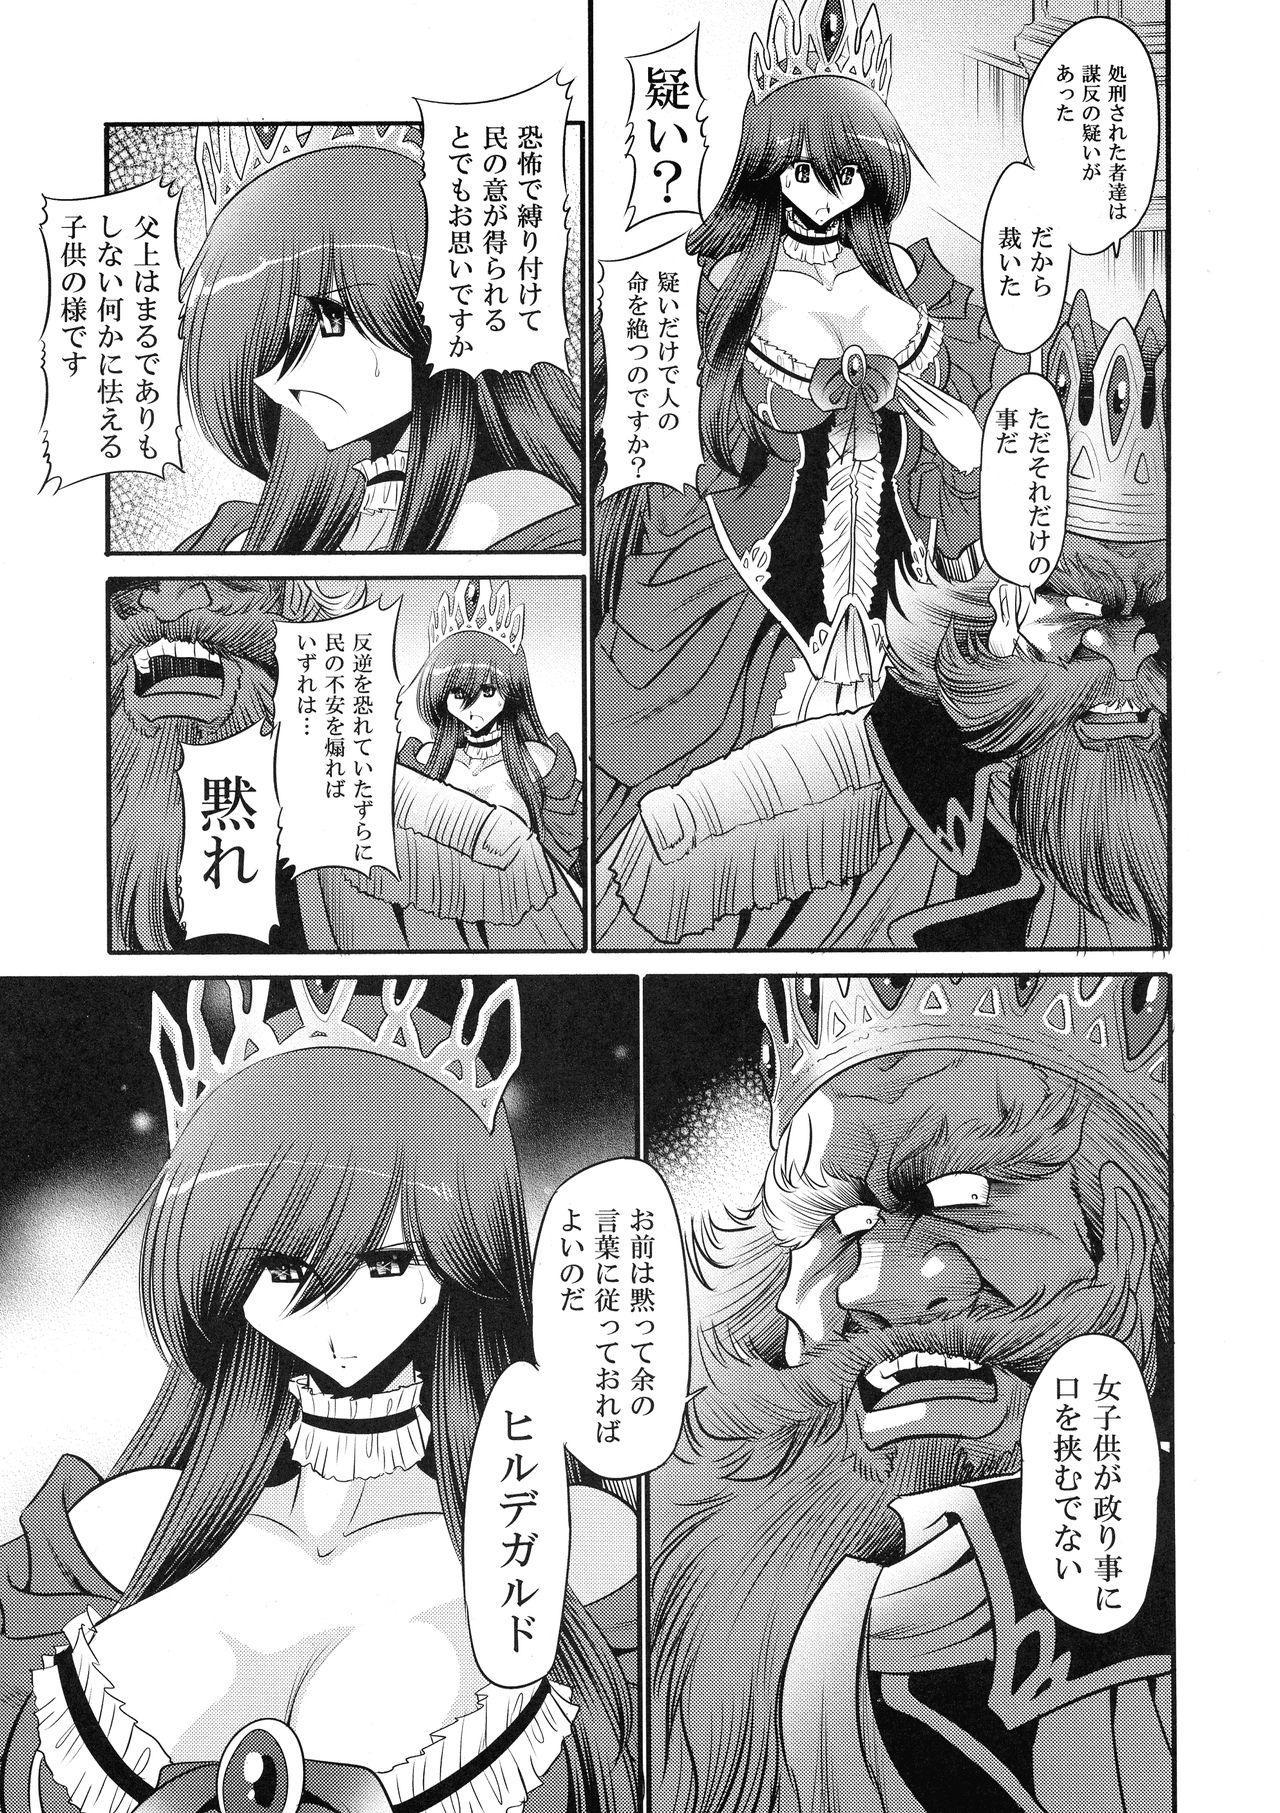 Ochibure Hime Joukan 8